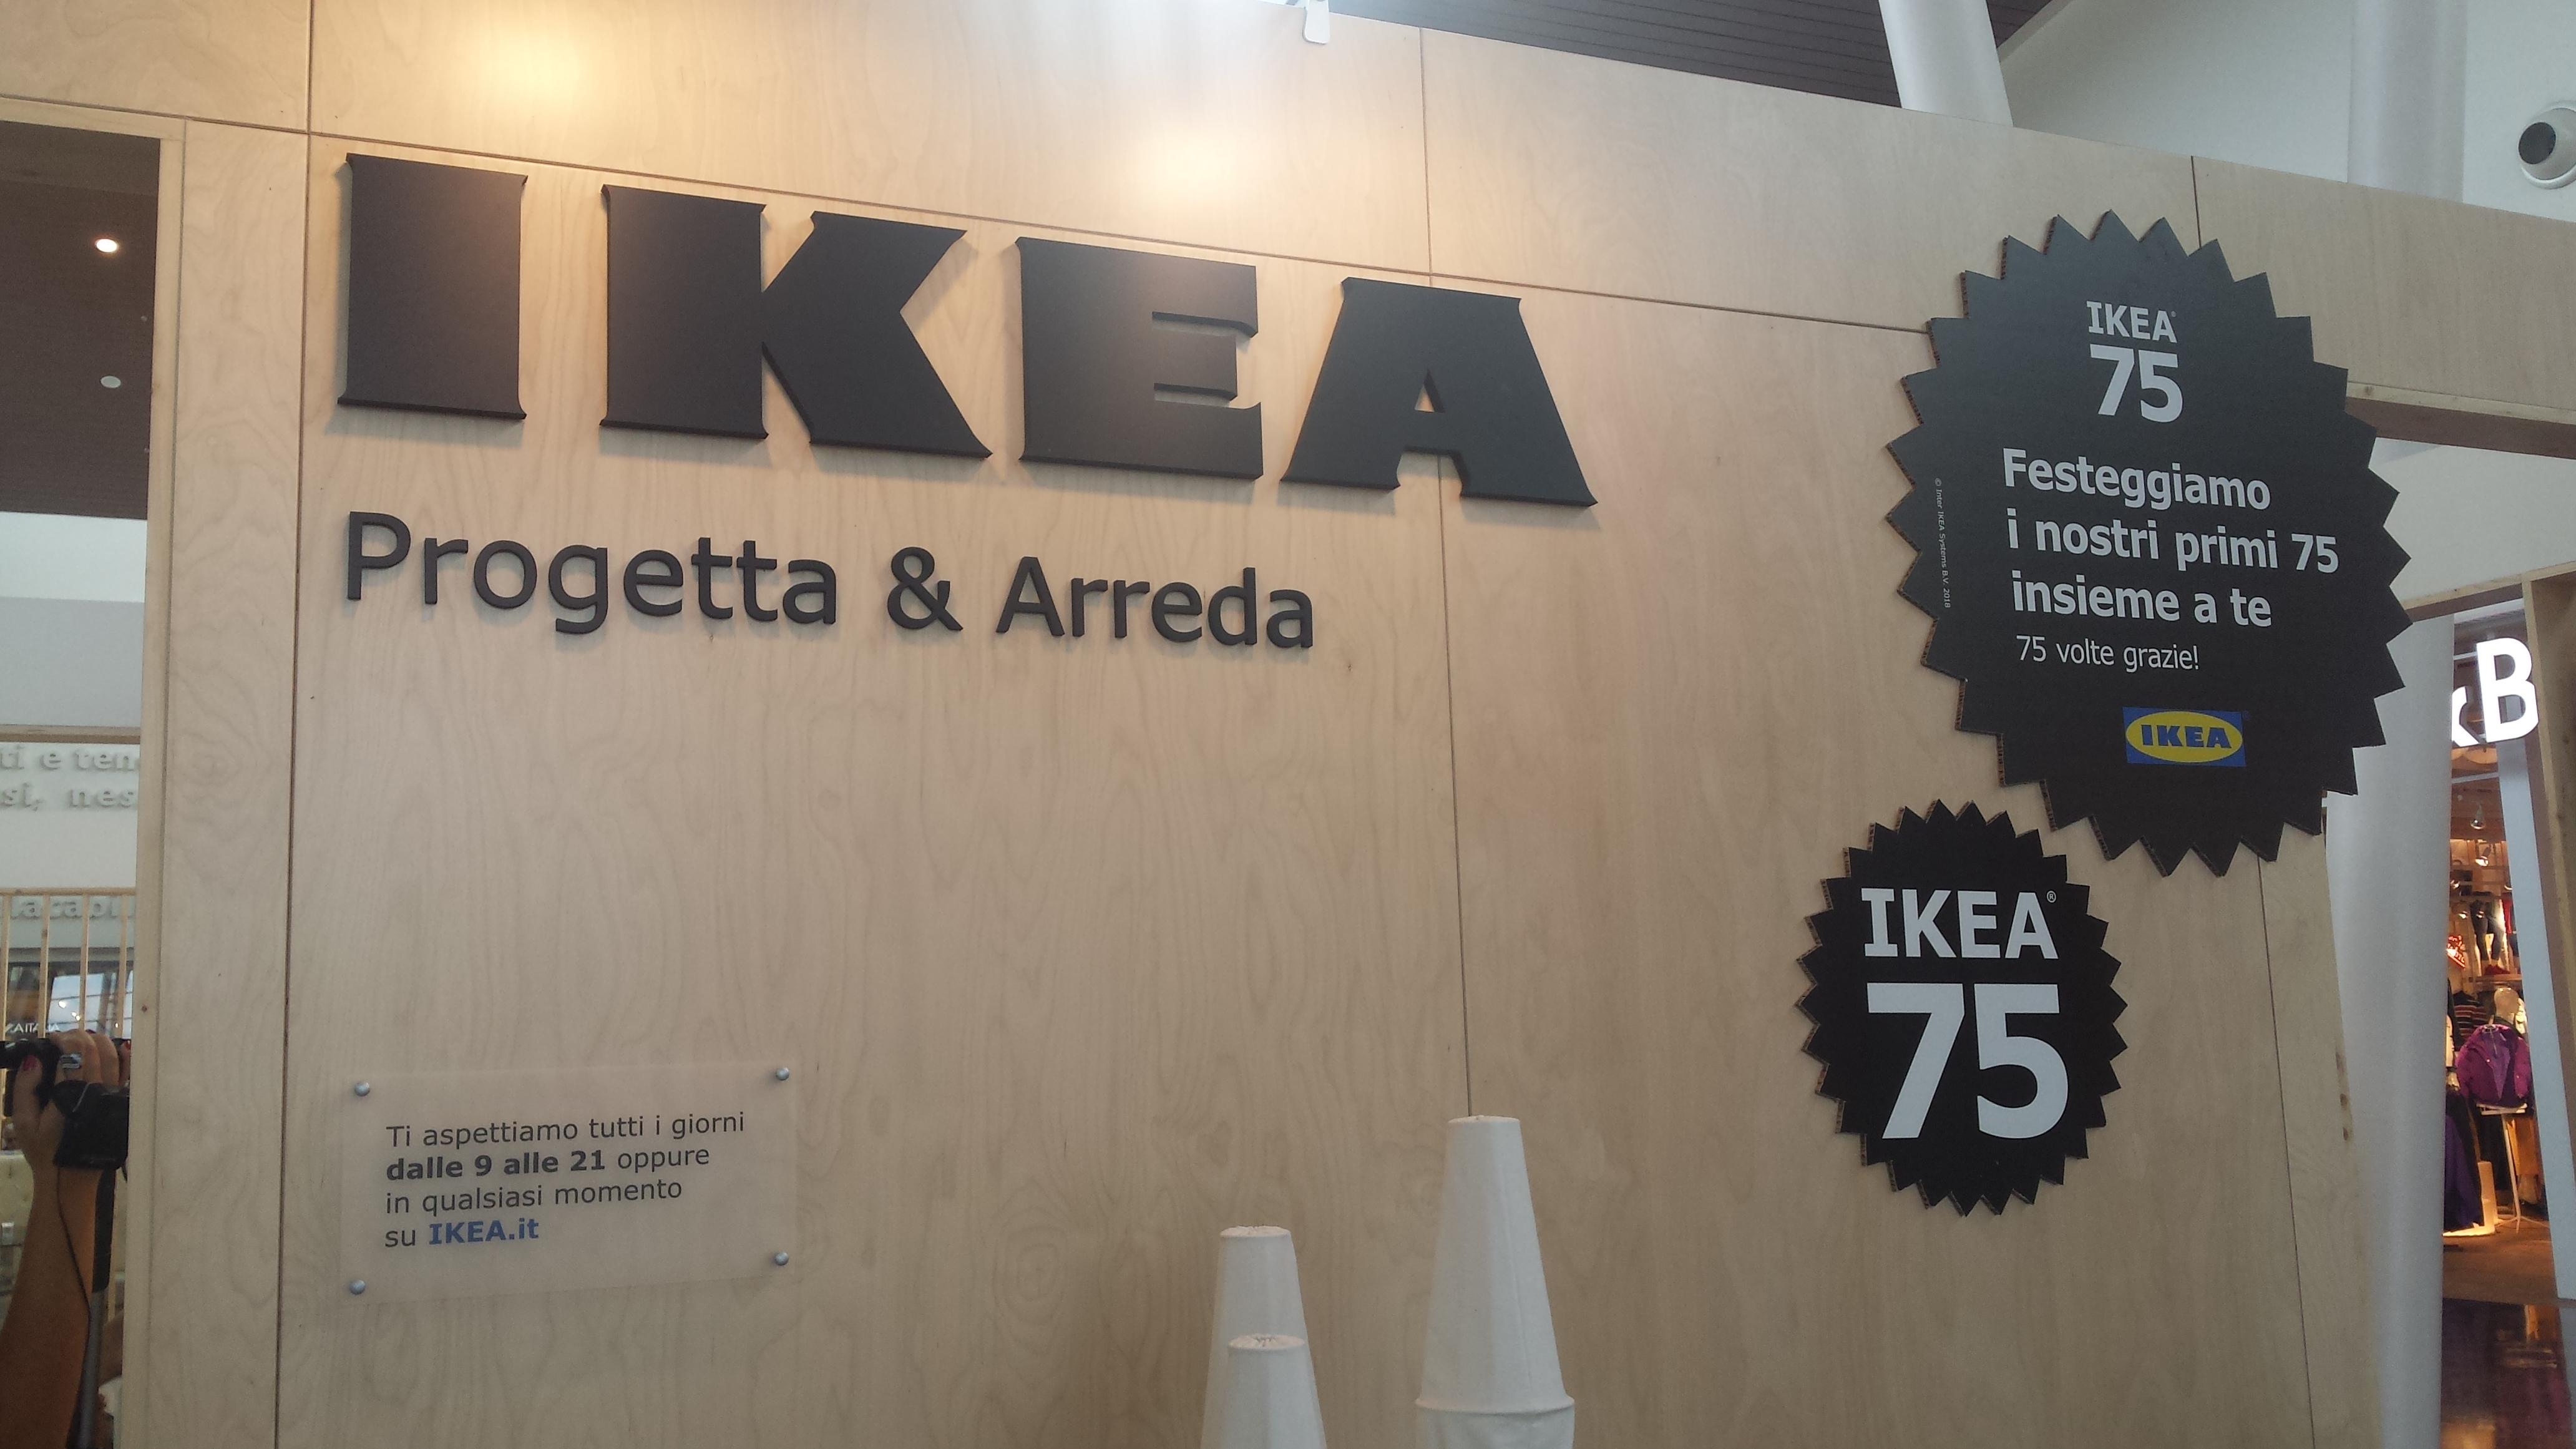 Ikea Ufficio Stampa : Ikea sbarca a palermo ma lo fa in versione low cost live sicilia